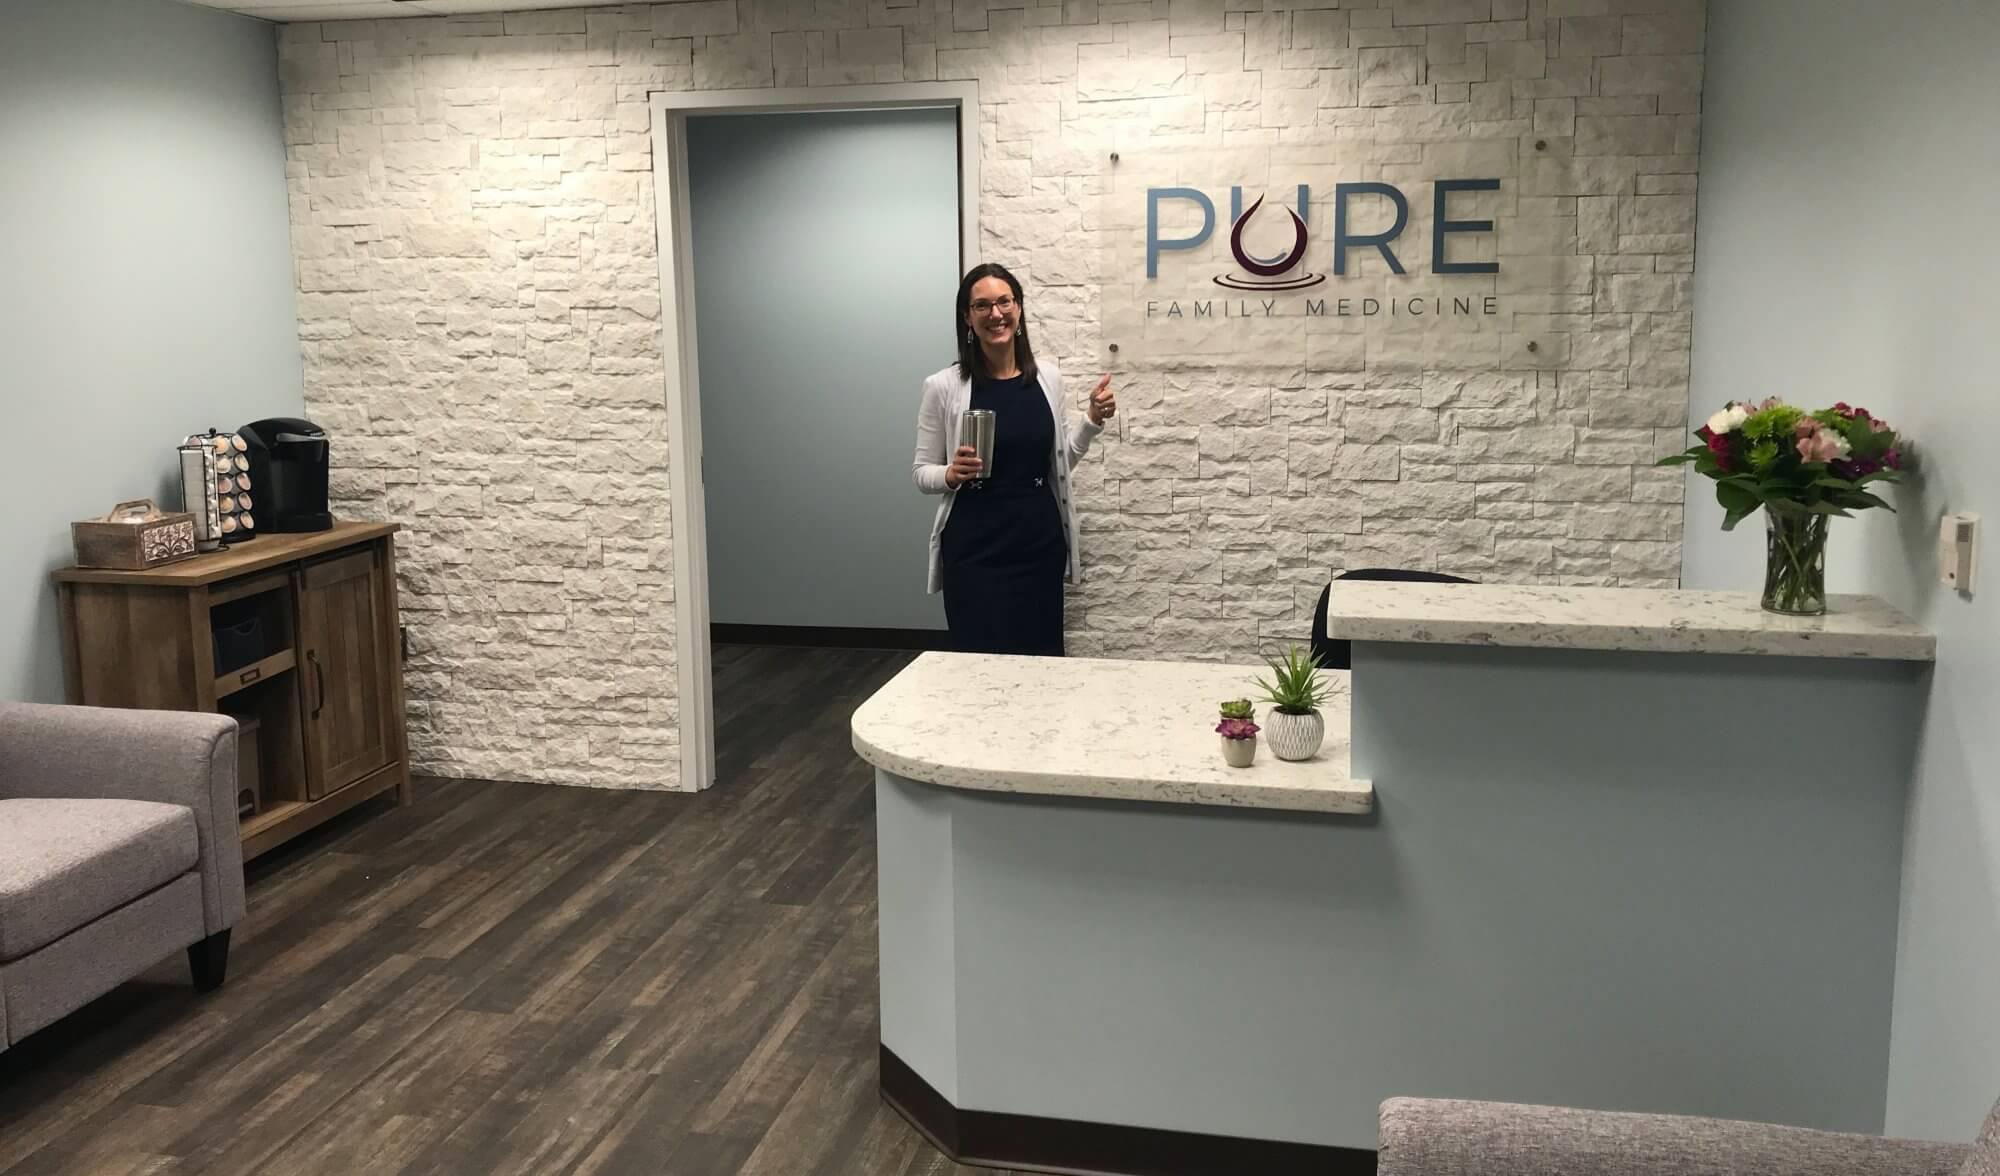 Rebecca Bub in Pure Family Medicine's lobby